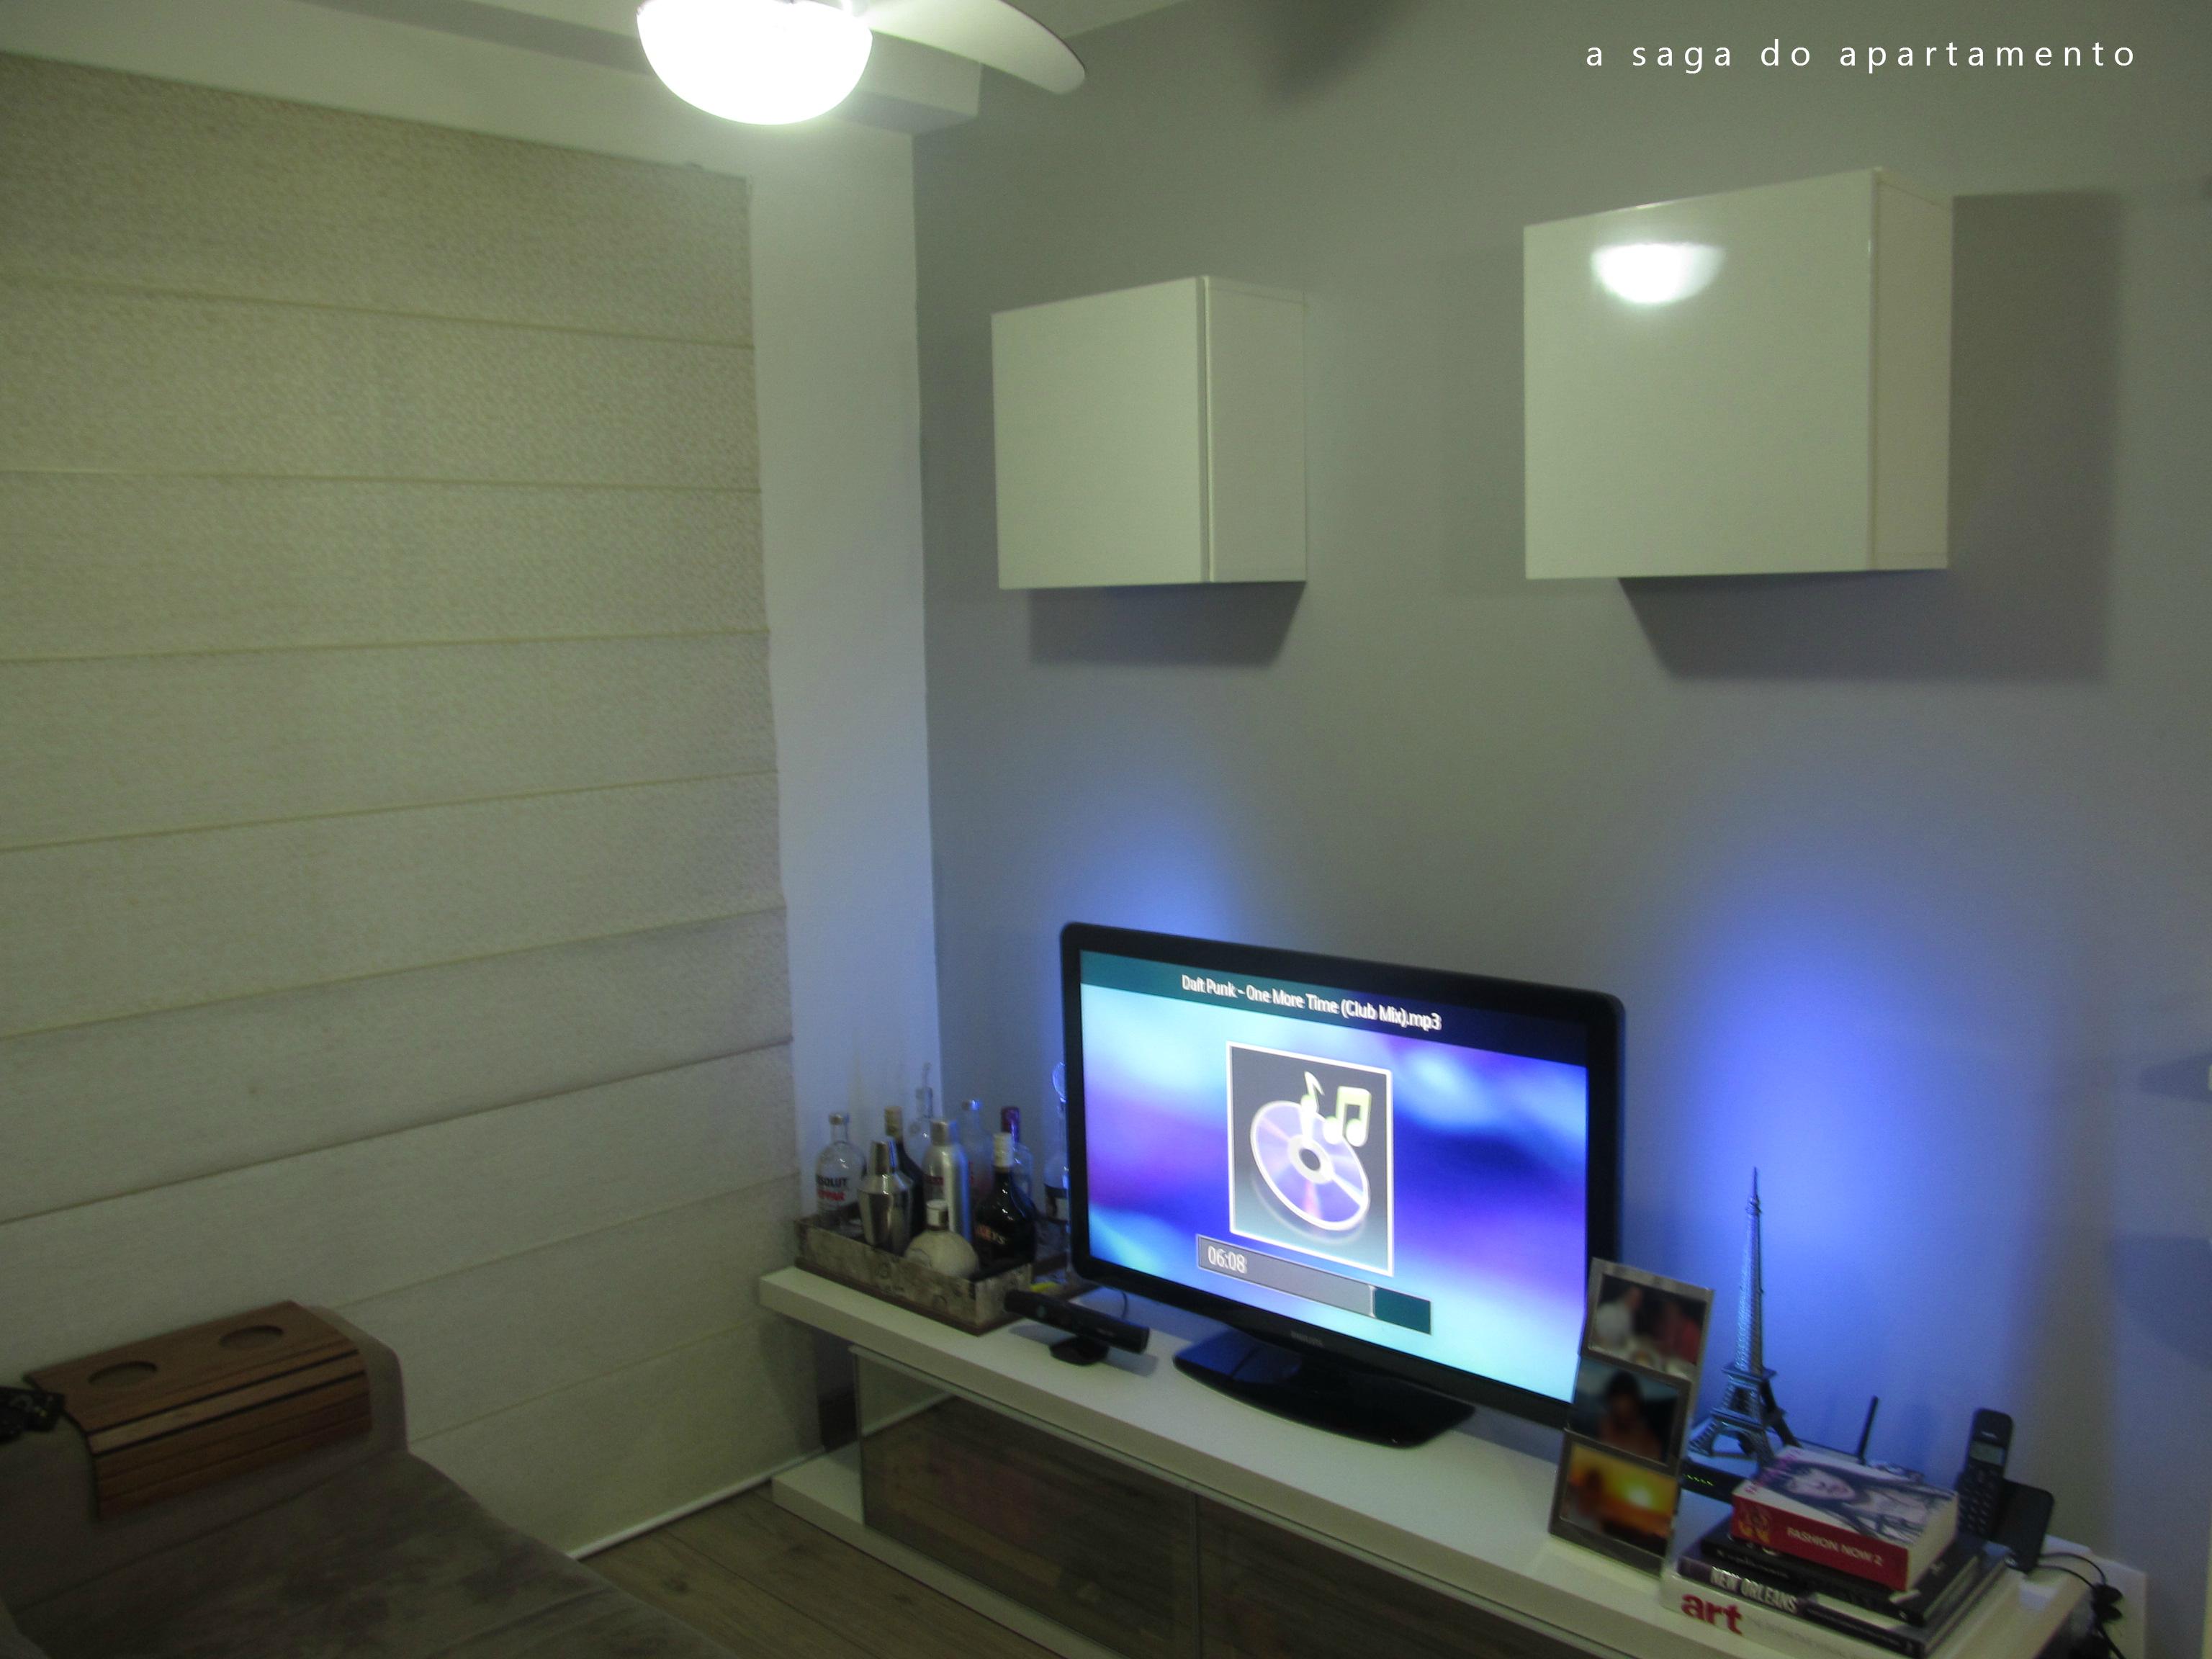 Nichos Na Sala De Tv ~  Espaço Módulos Aéreos para o Rack e Despensa Improvisada